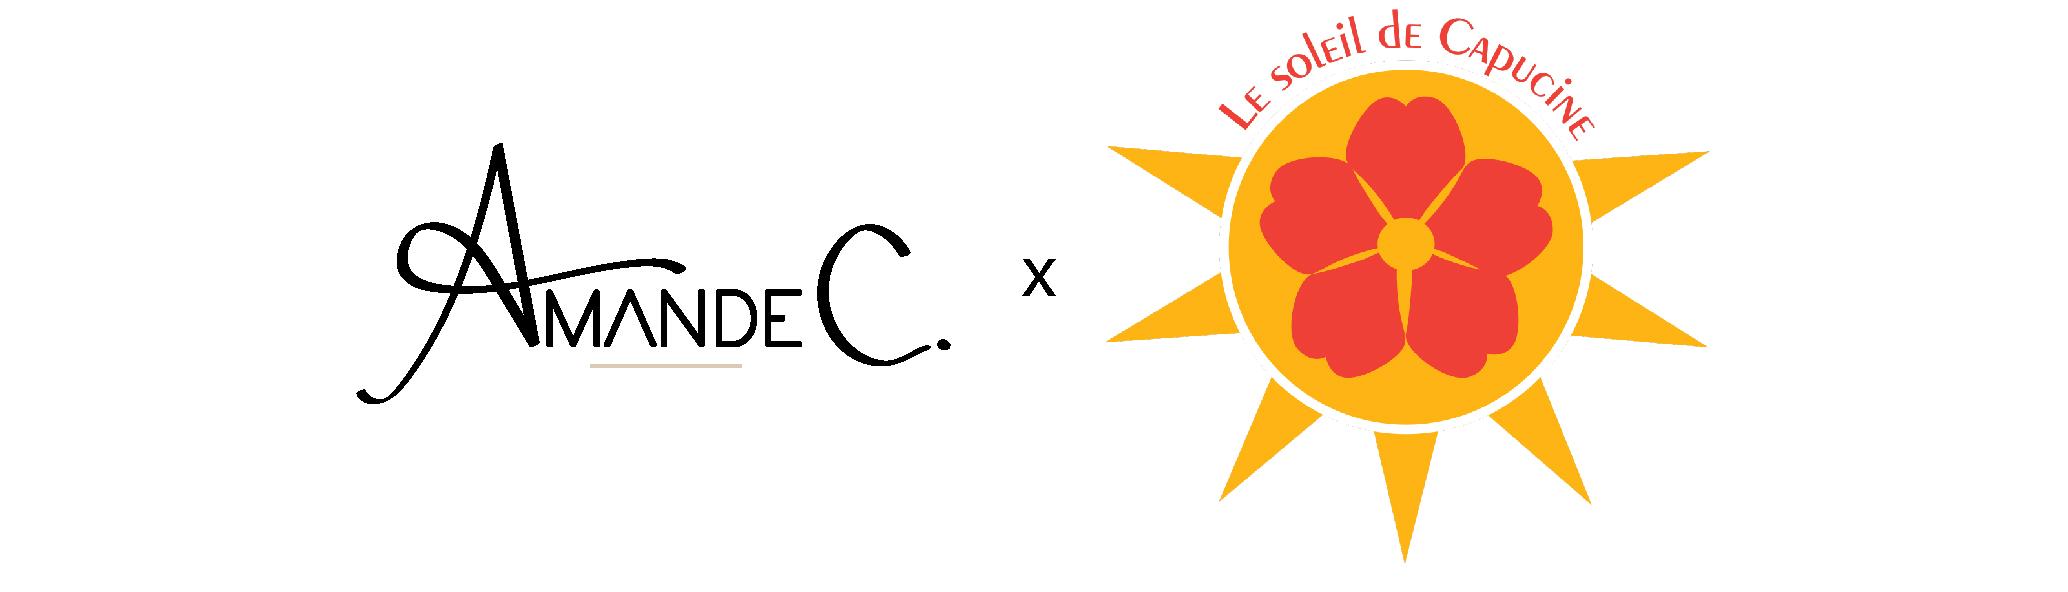 Amande C x Le soleil de Capucine